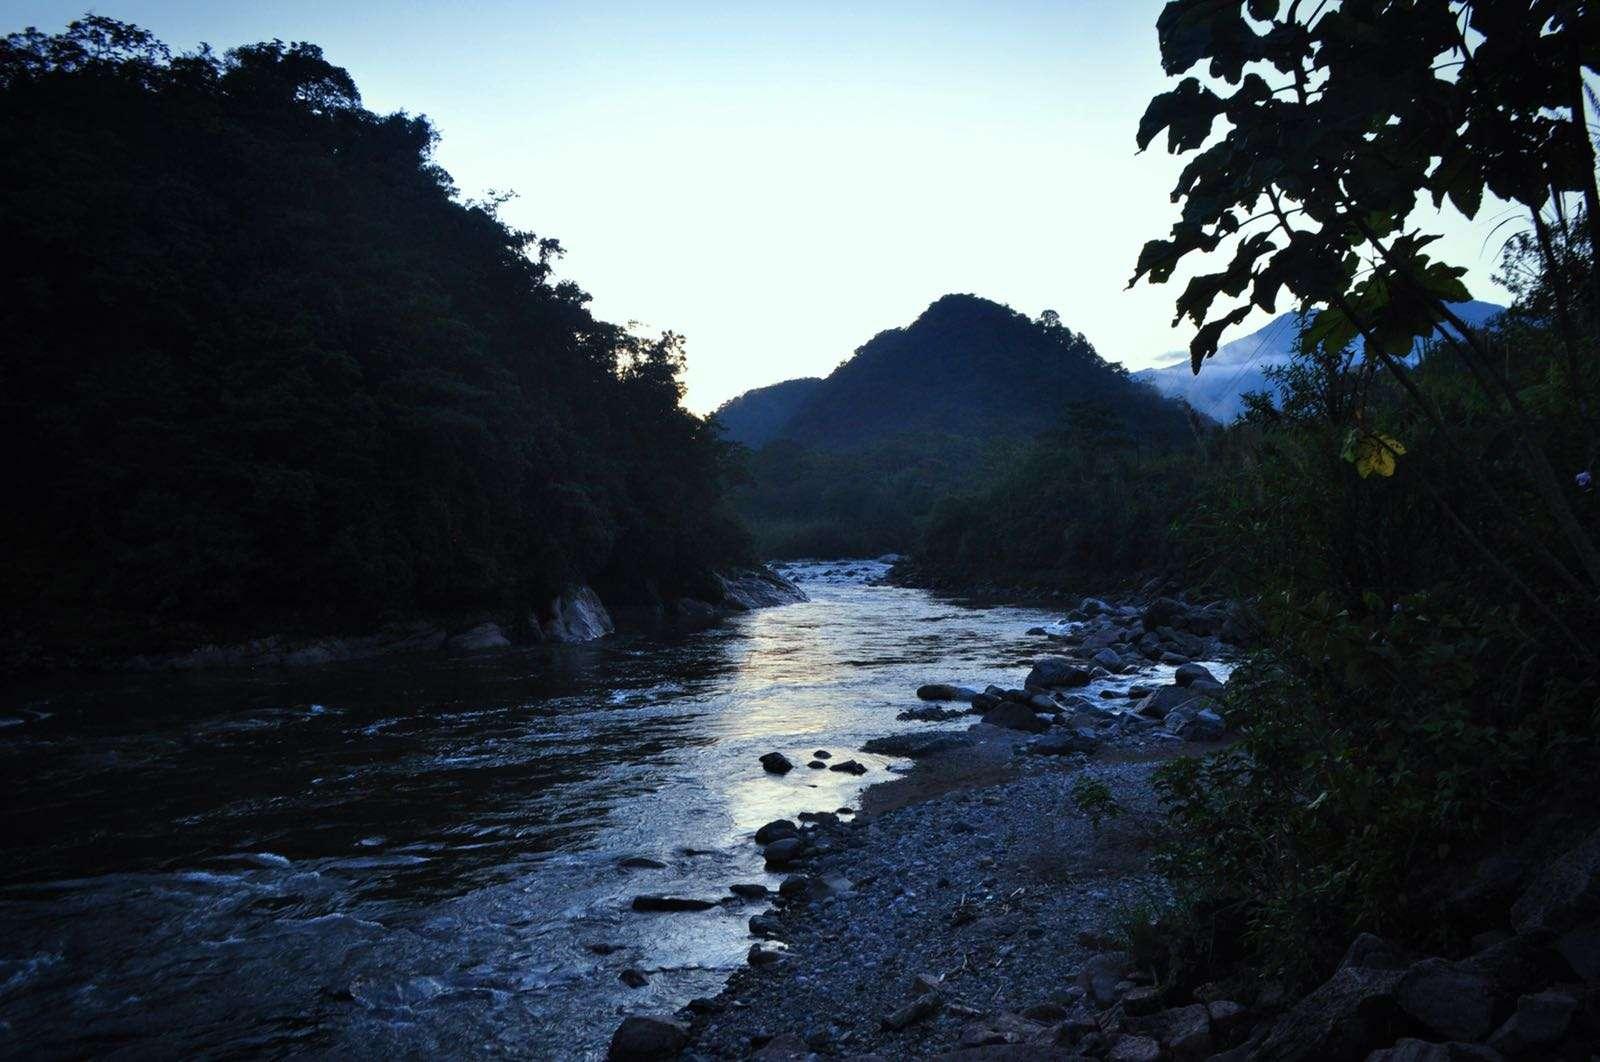 Baños rivier